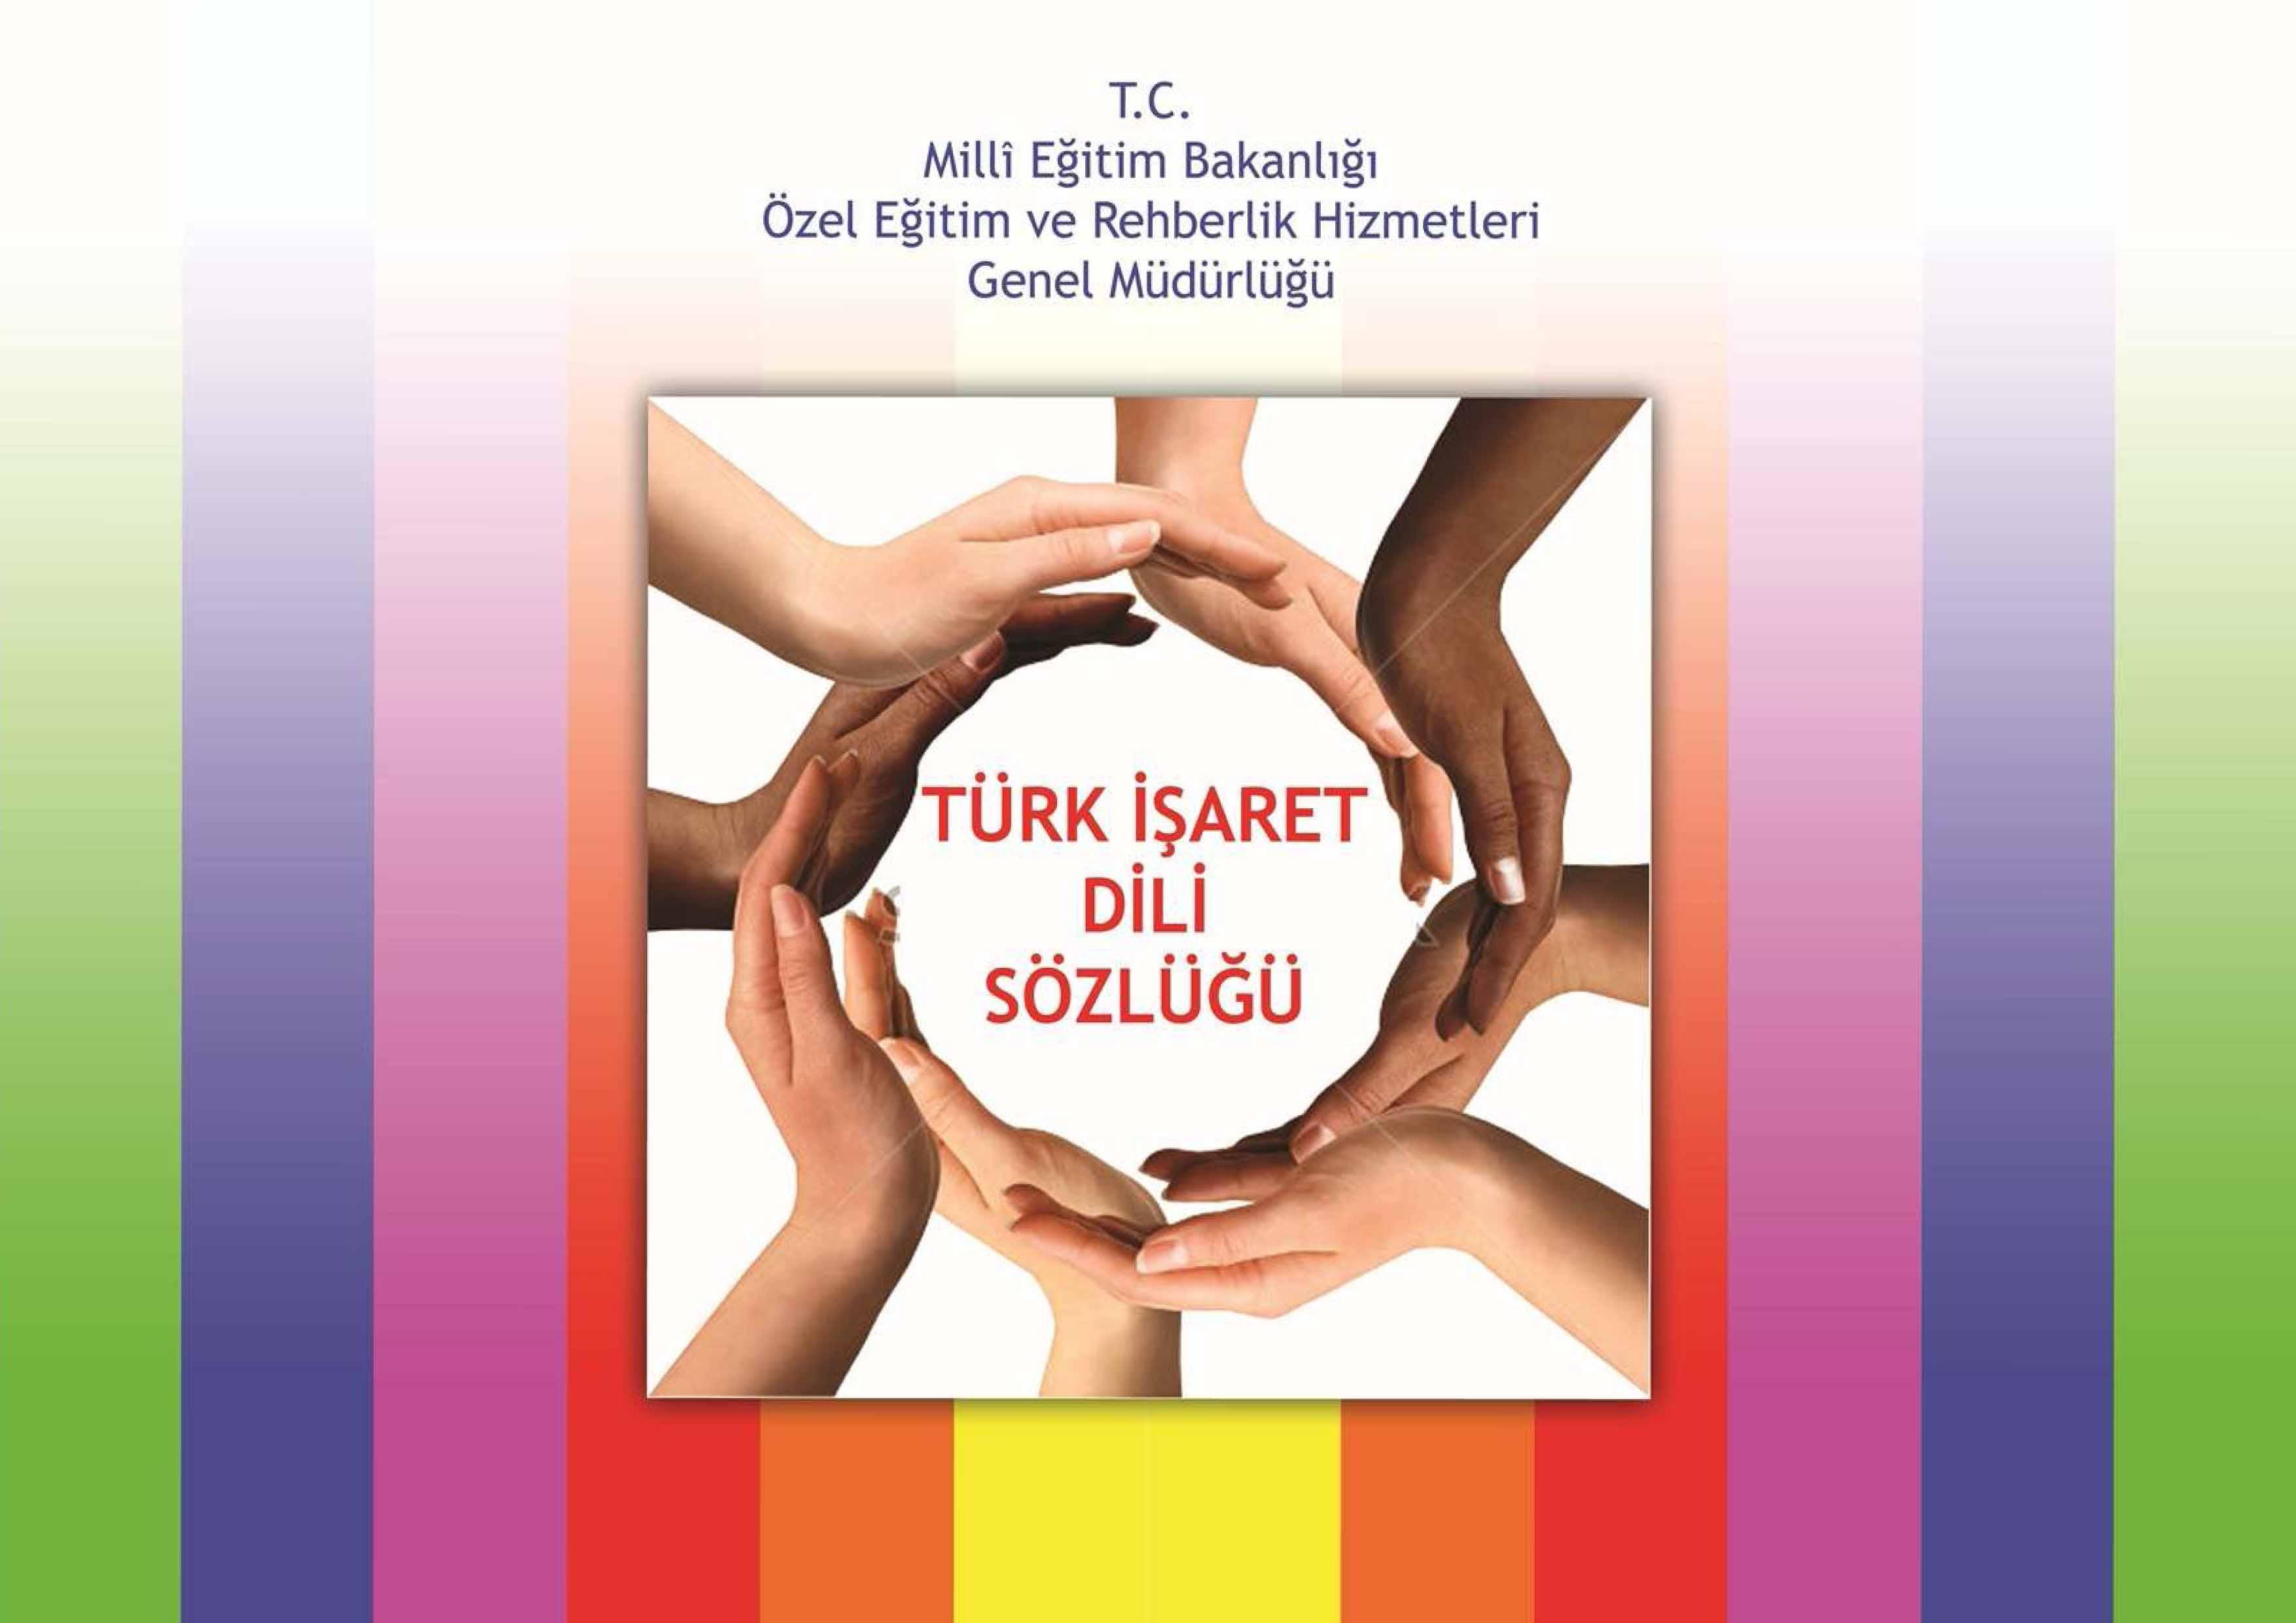 TÜRK İŞARET DİLİ SÖZLÜĞÜ 2012